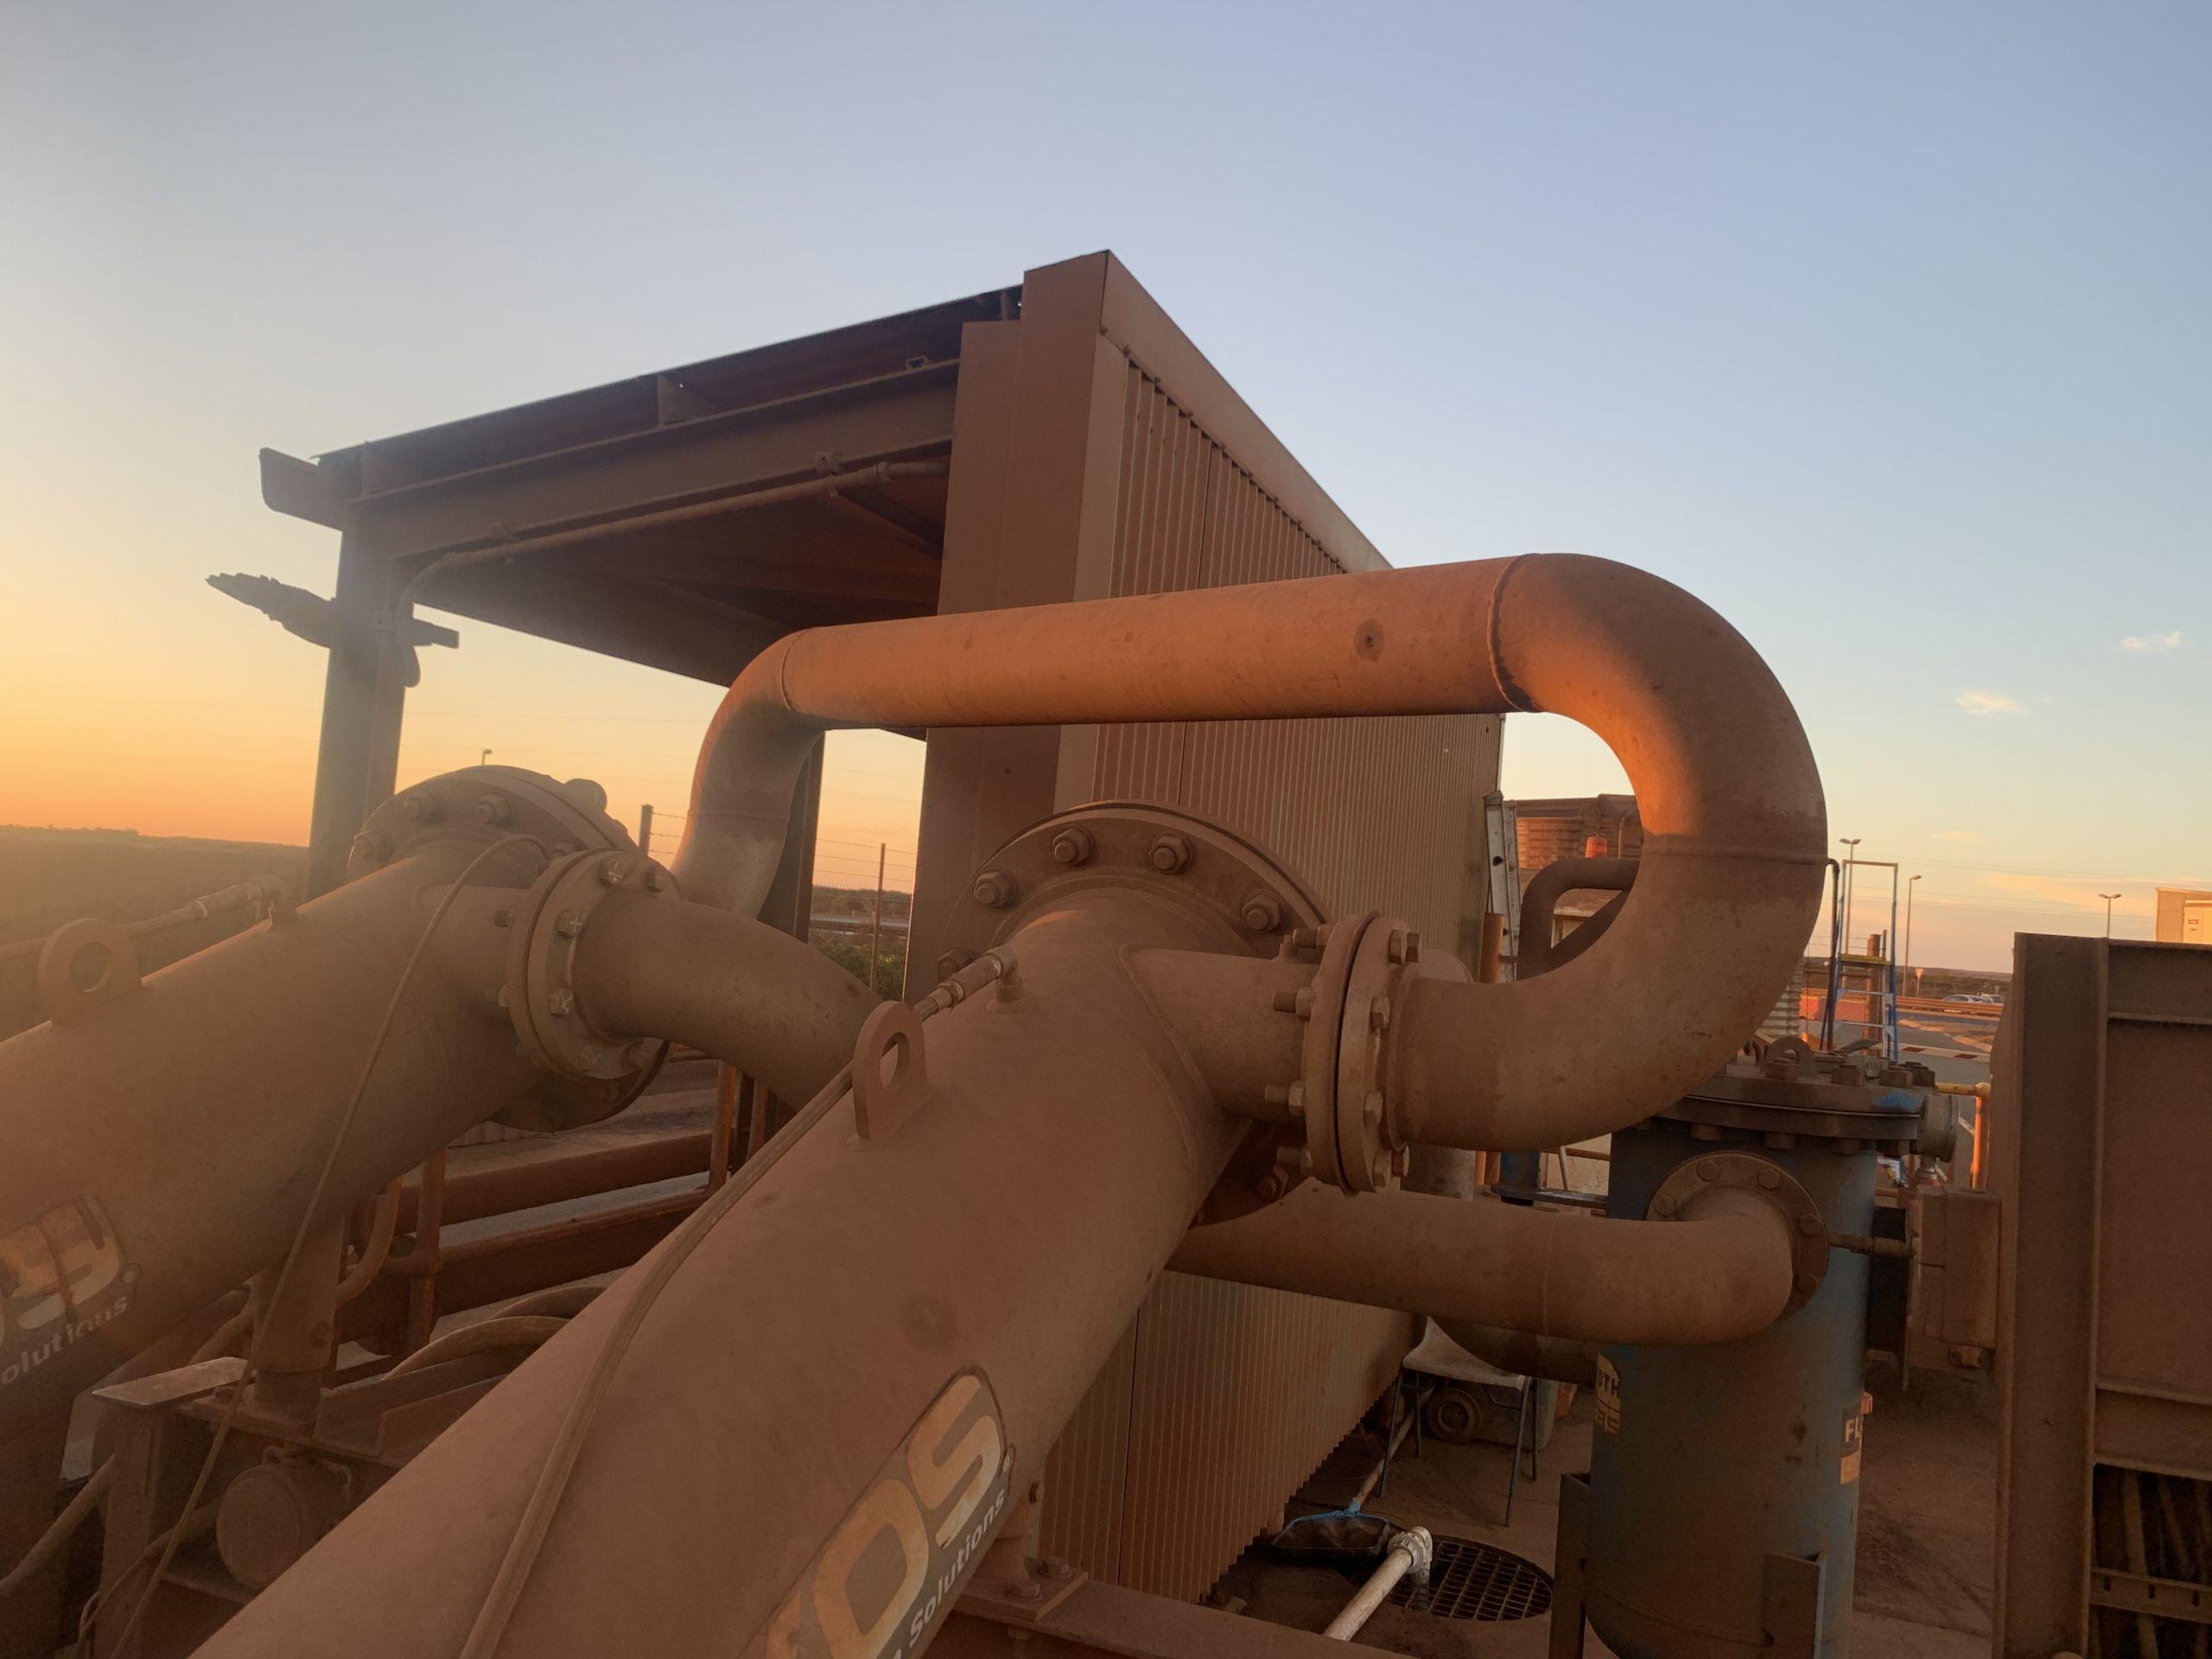 Truck Wash Facility Pilbara WA